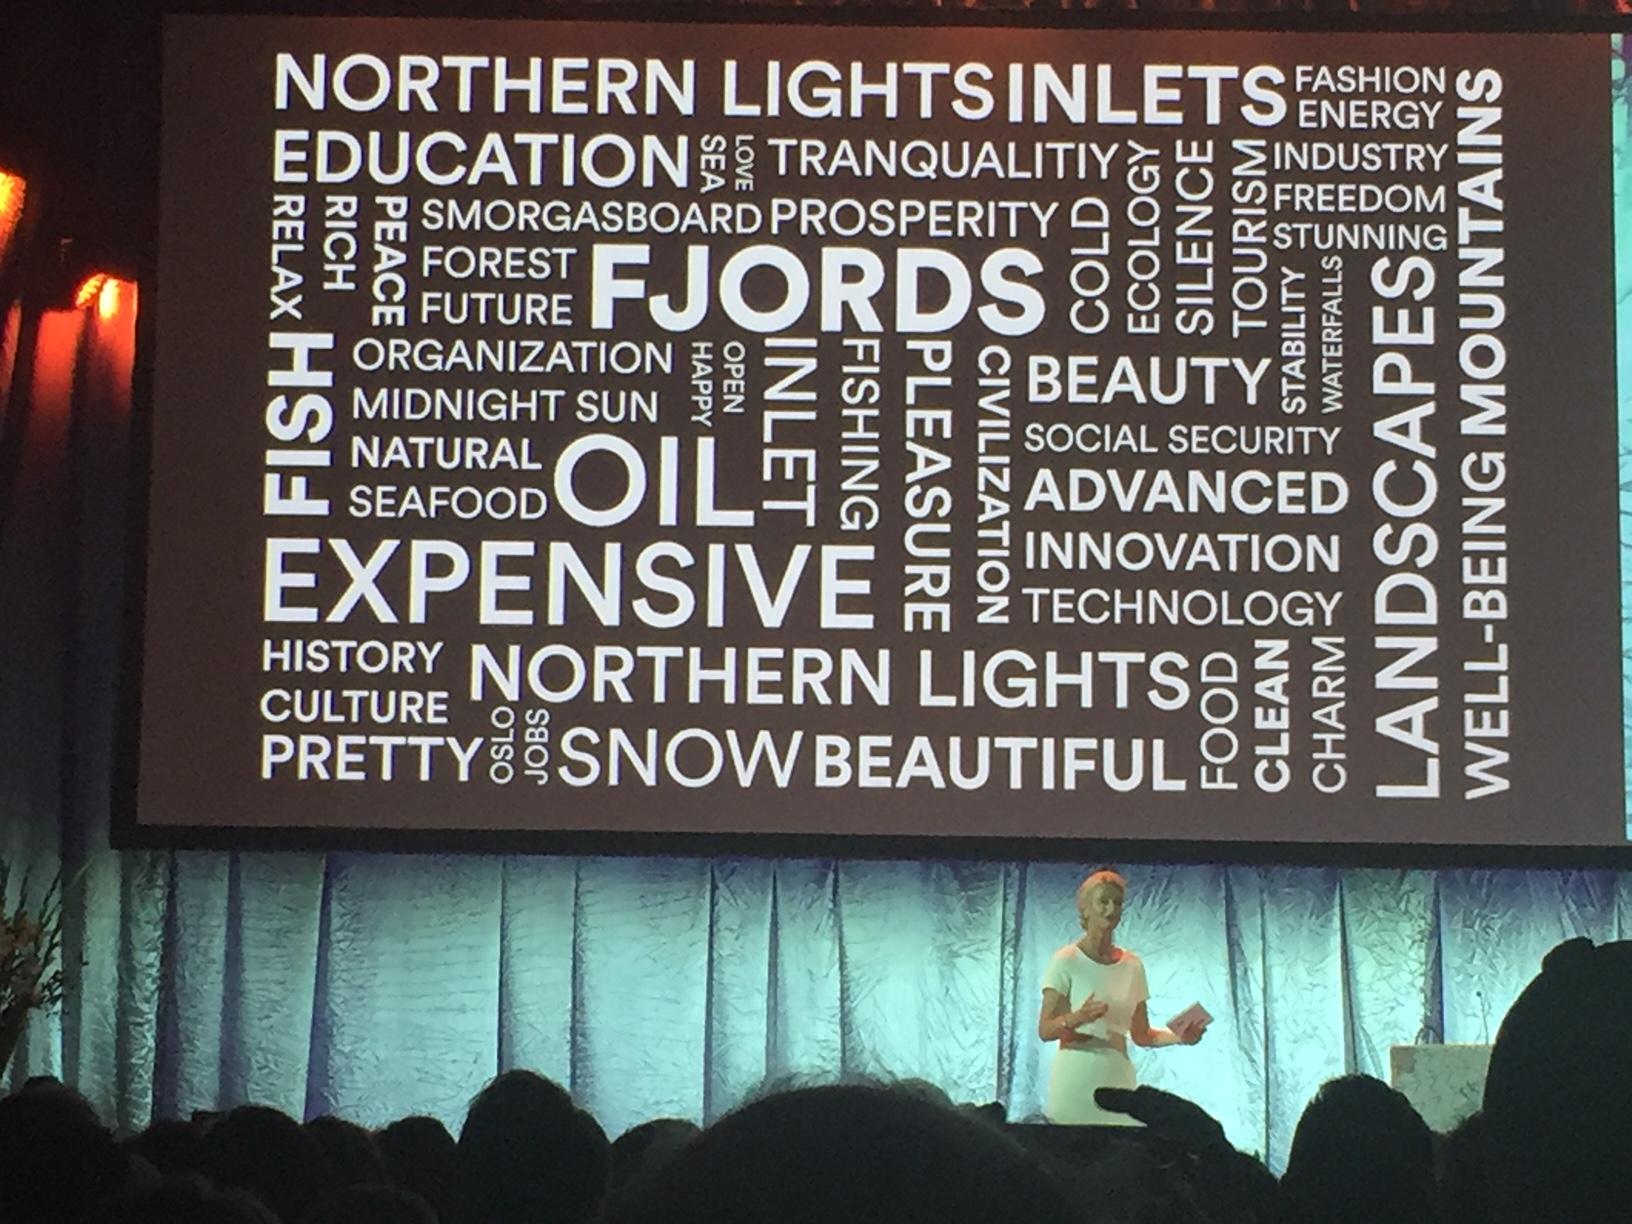 Direktør for Merkevaren Norge i Innovasjon Norge, Cathrine Pia Lund, presenterte blant annet resultatene av en del av analysene som er gjort av Norge internasjonalt. Ordskyen her er ingen overraskelse, men det er avdekket store muligheter i assosiasjoner knyttet til utfordreren, utforskeren, oppdageren og pioneren. Der har Norge som nasjon en posisjon allerede, og en mulighet til å ta en ennå sterkere posisjon i fremtiden.